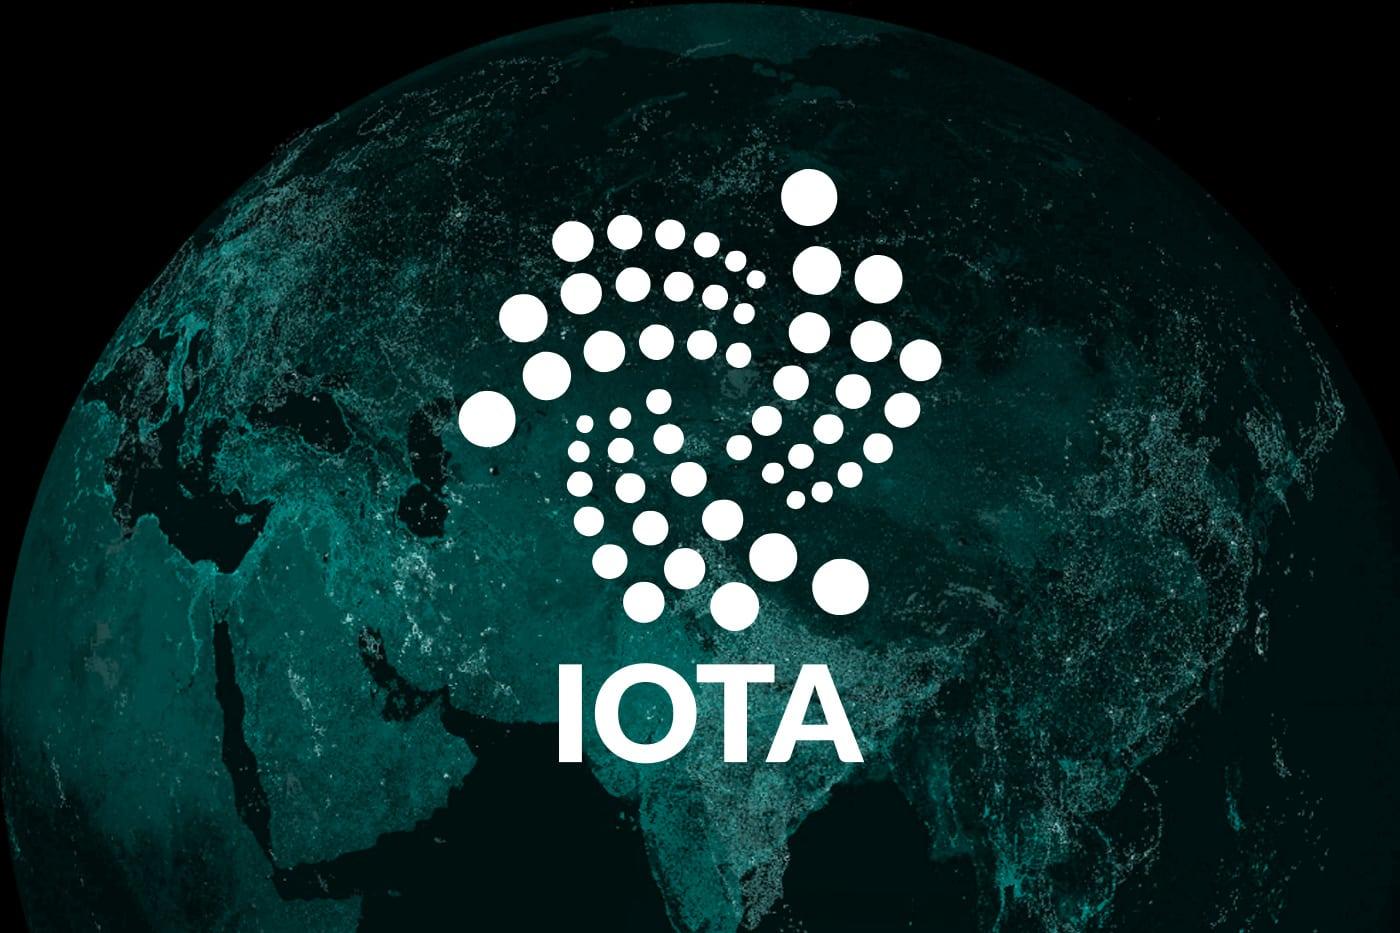 Ethereum Classic ETC or IOTA MIOTA 2 - Ethereum Classic (ETC) or IOTA (MIOTA) - Smart Contracts, IoT, Future Developments